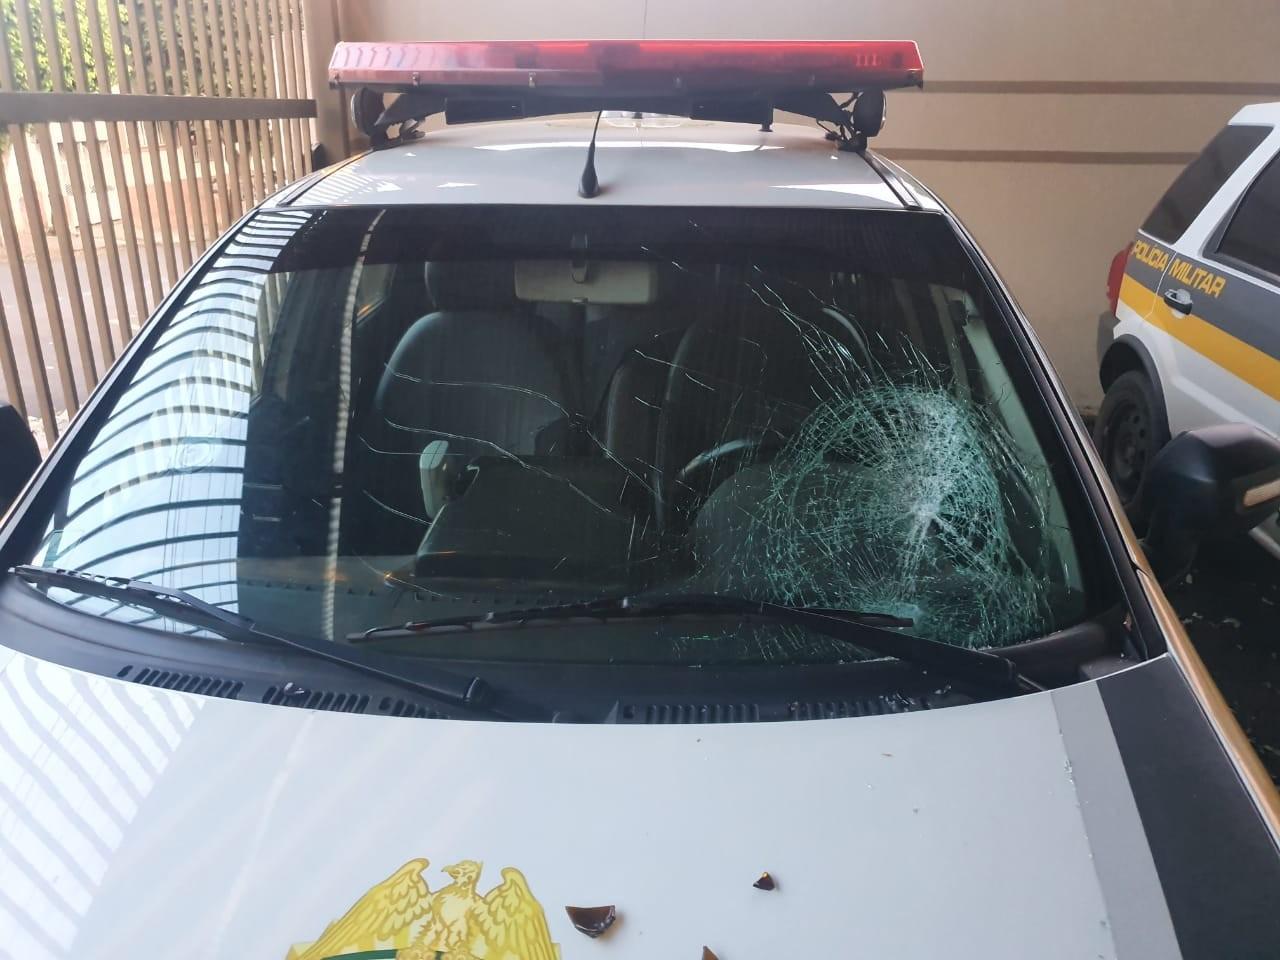 Festa em uma casa em Jacarezinho termina com mulher presa e vidro de carro da PM quebrado